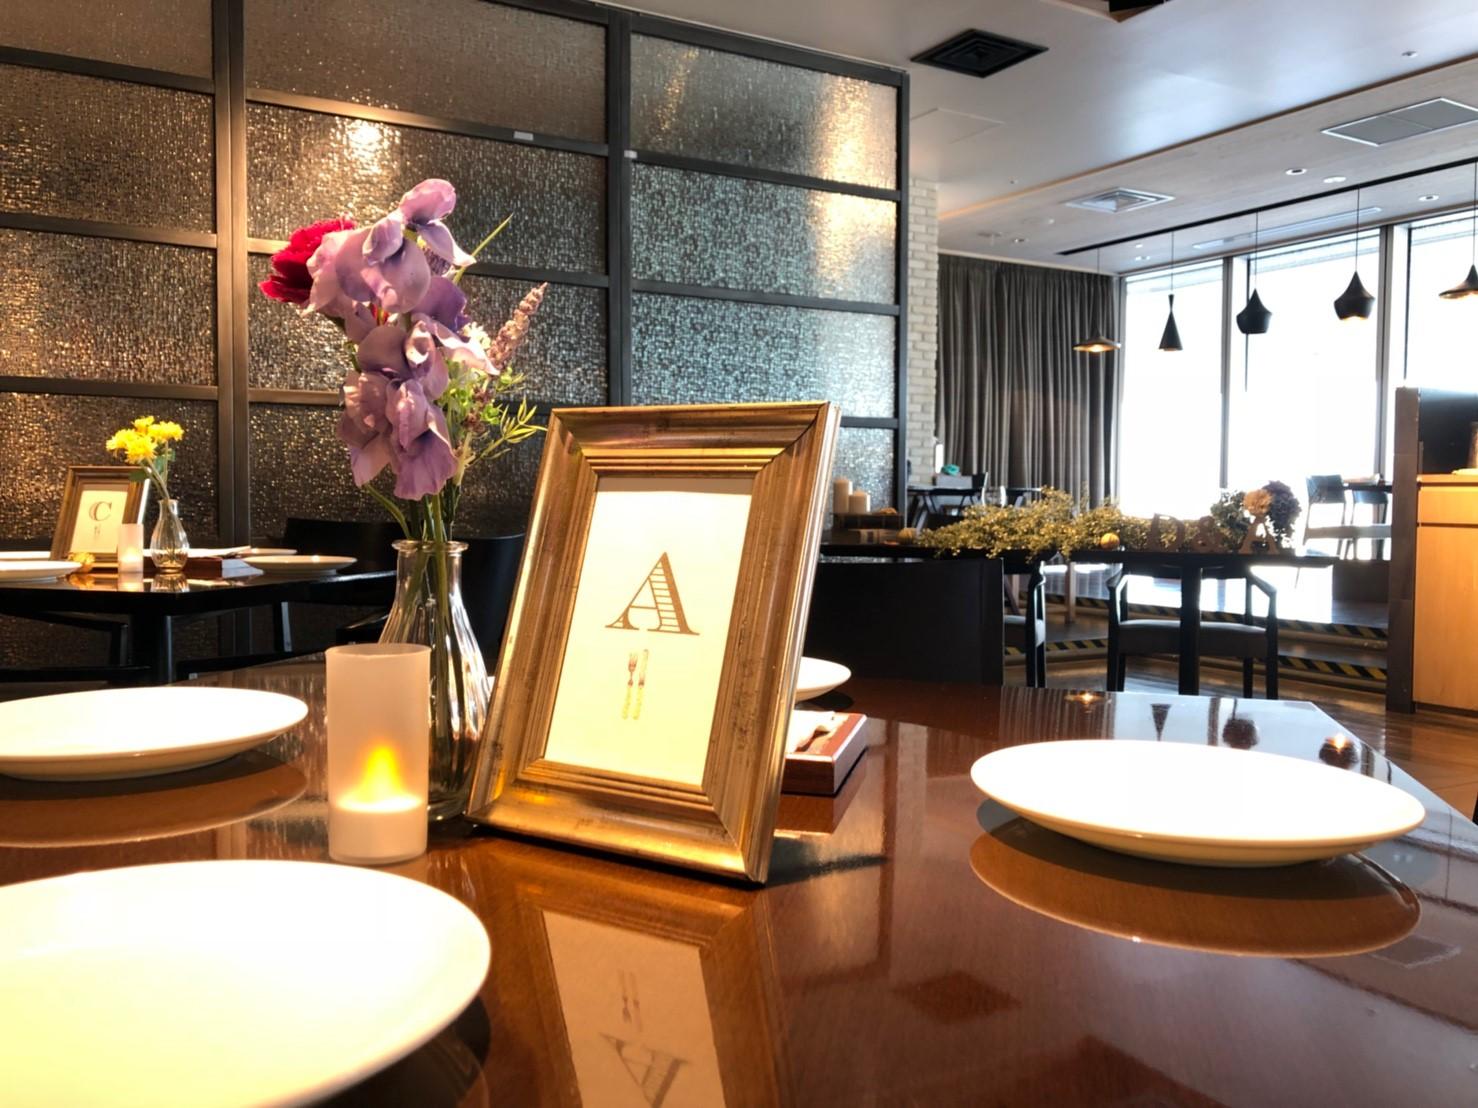 AW kitchen OSAKA 大阪あべのハルカス店